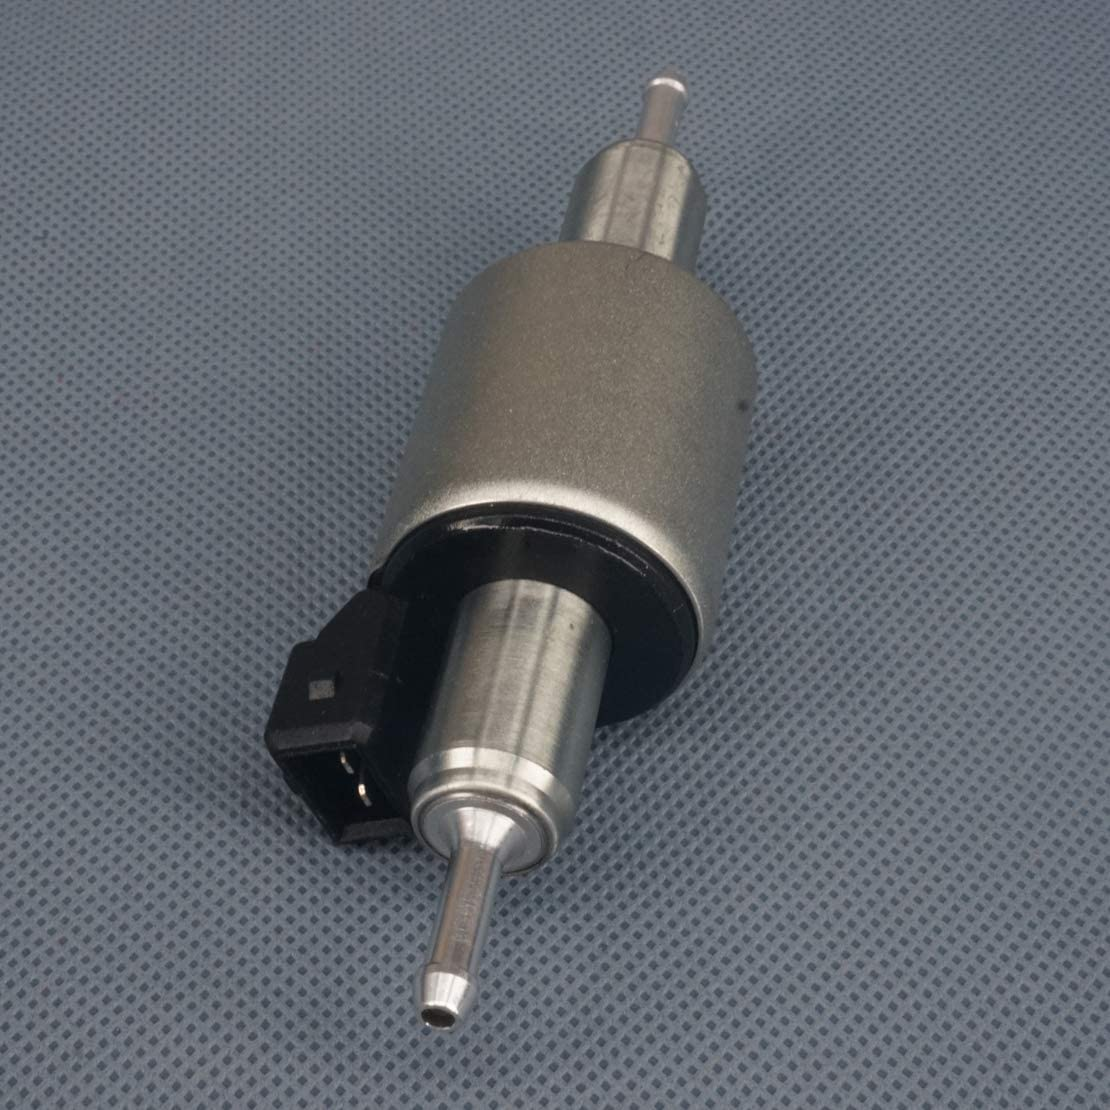 beler Remplacement 12V 65 de pompe /à essence de p/étrole de flux adapte pour plus de chauffeurs dEberspacher et de Webasto